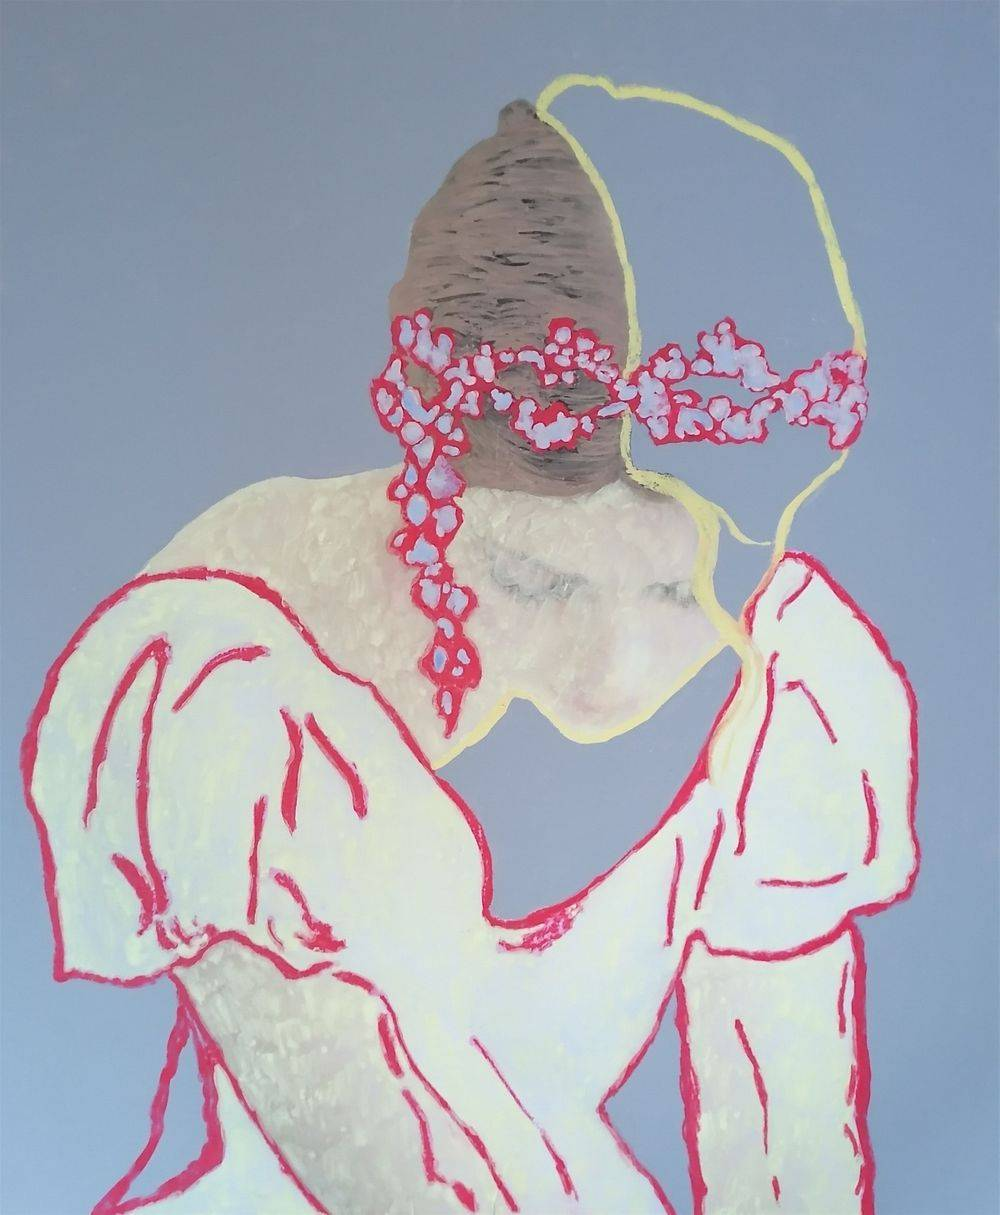 Aquarelle, Acrylique, Craie, Portrait, Femme, Histoire de l'art